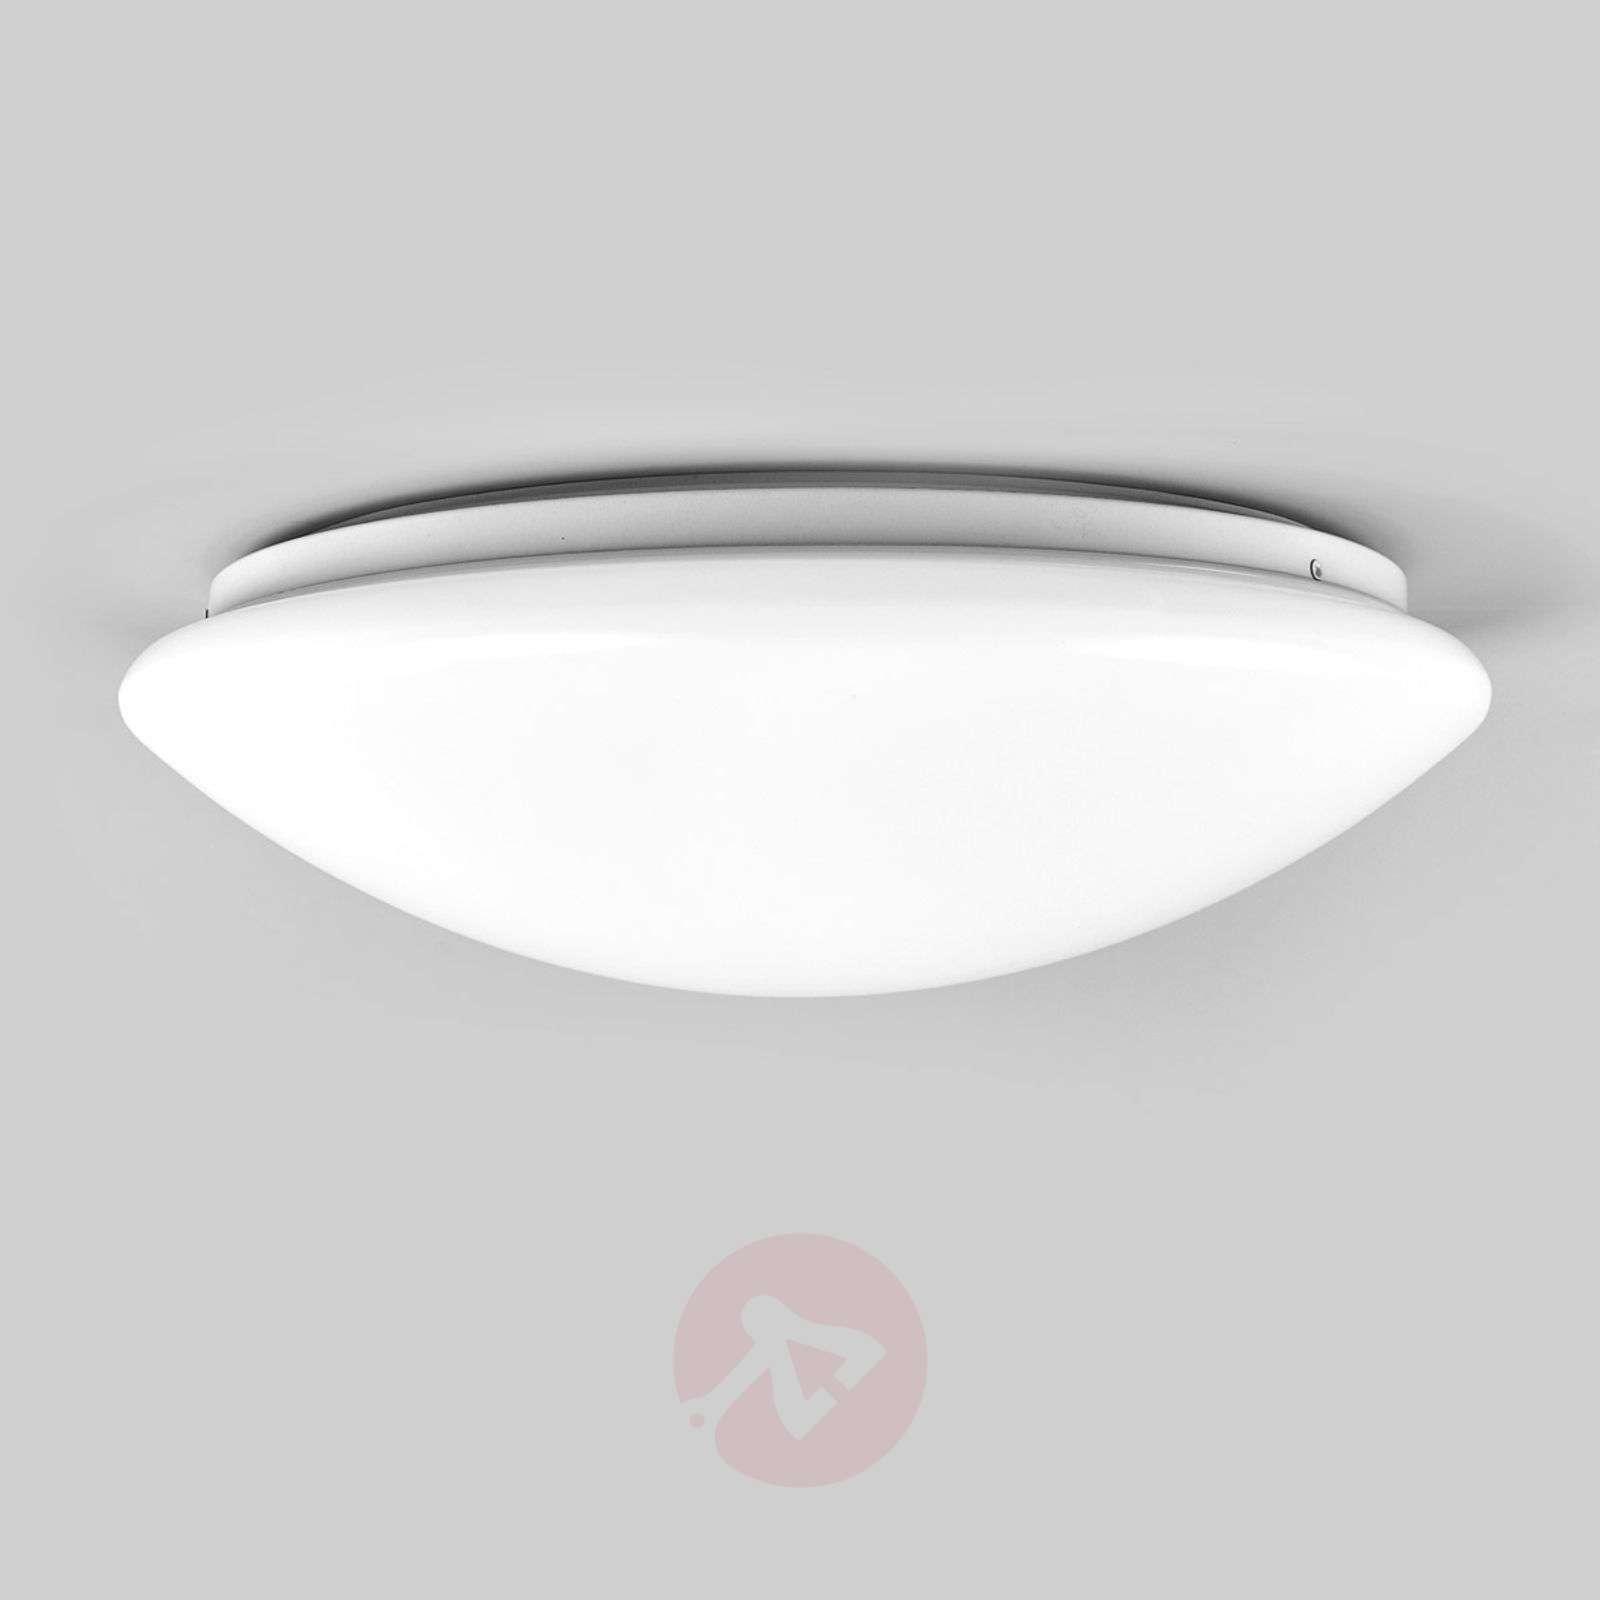 Selveta LED bathroom ceiling light-9945032-01